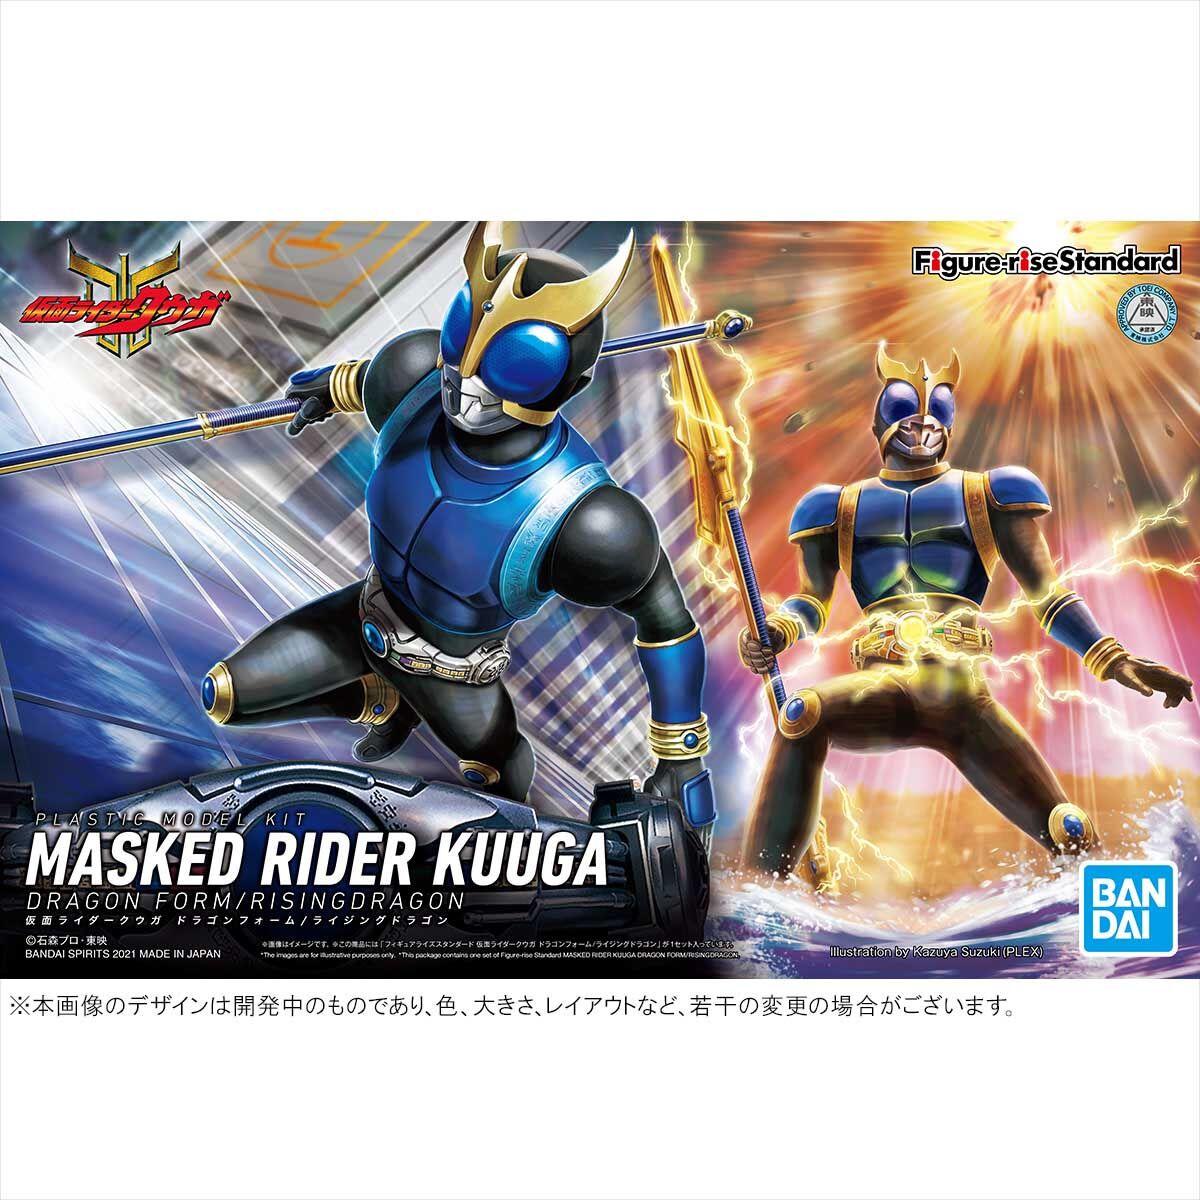 【限定販売】Figure-rise Standard『仮面ライダークウガ ドラゴンフォーム/ライジングドラゴン』プラモデル-009